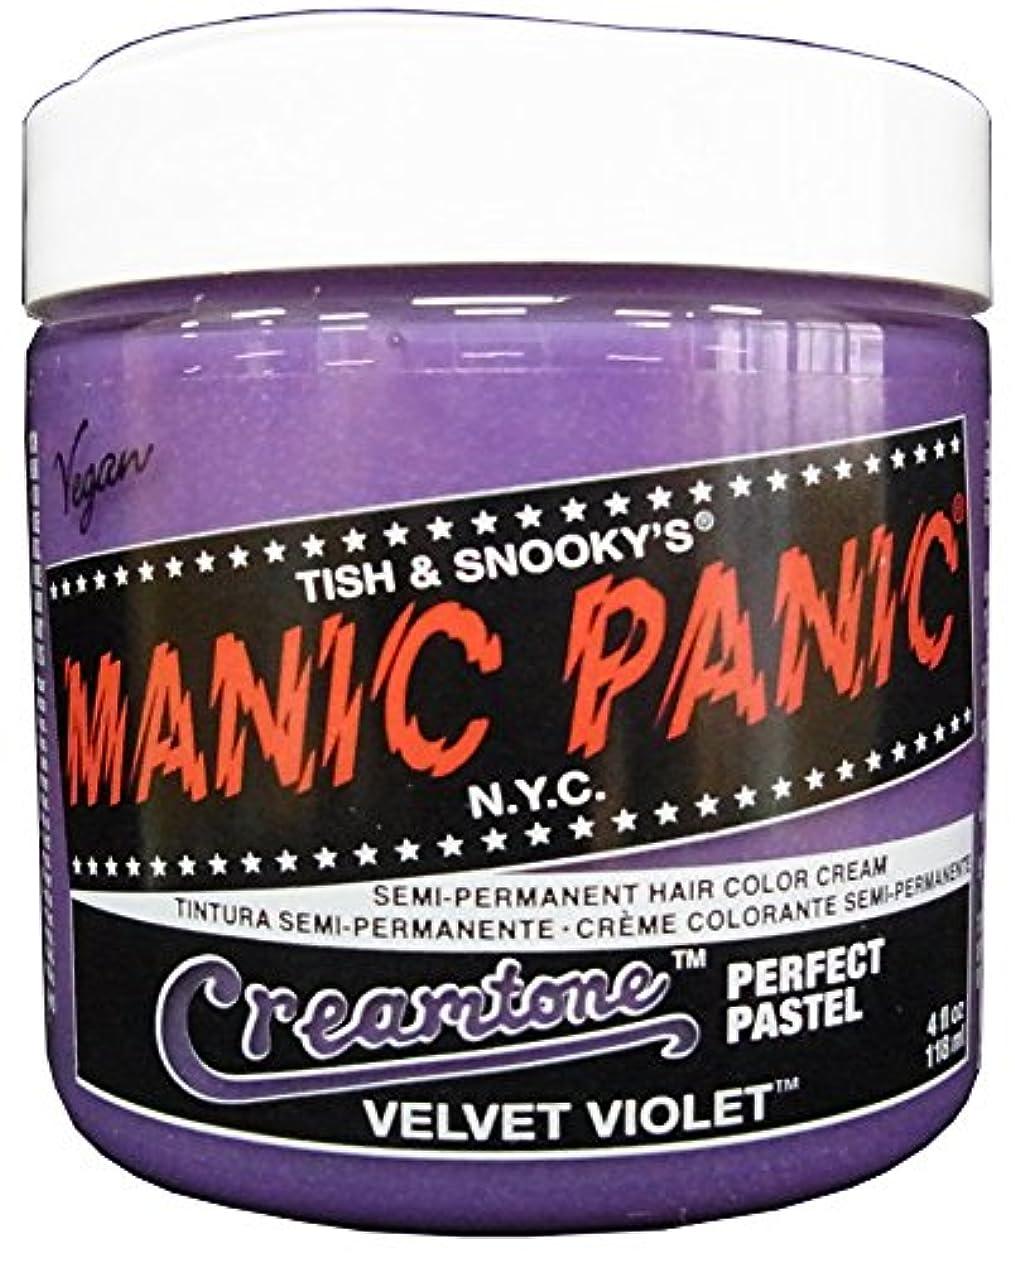 ペパーミントそっとファンマニックパニック カラークリーム ベルベットヴァイオレット(パステル系)